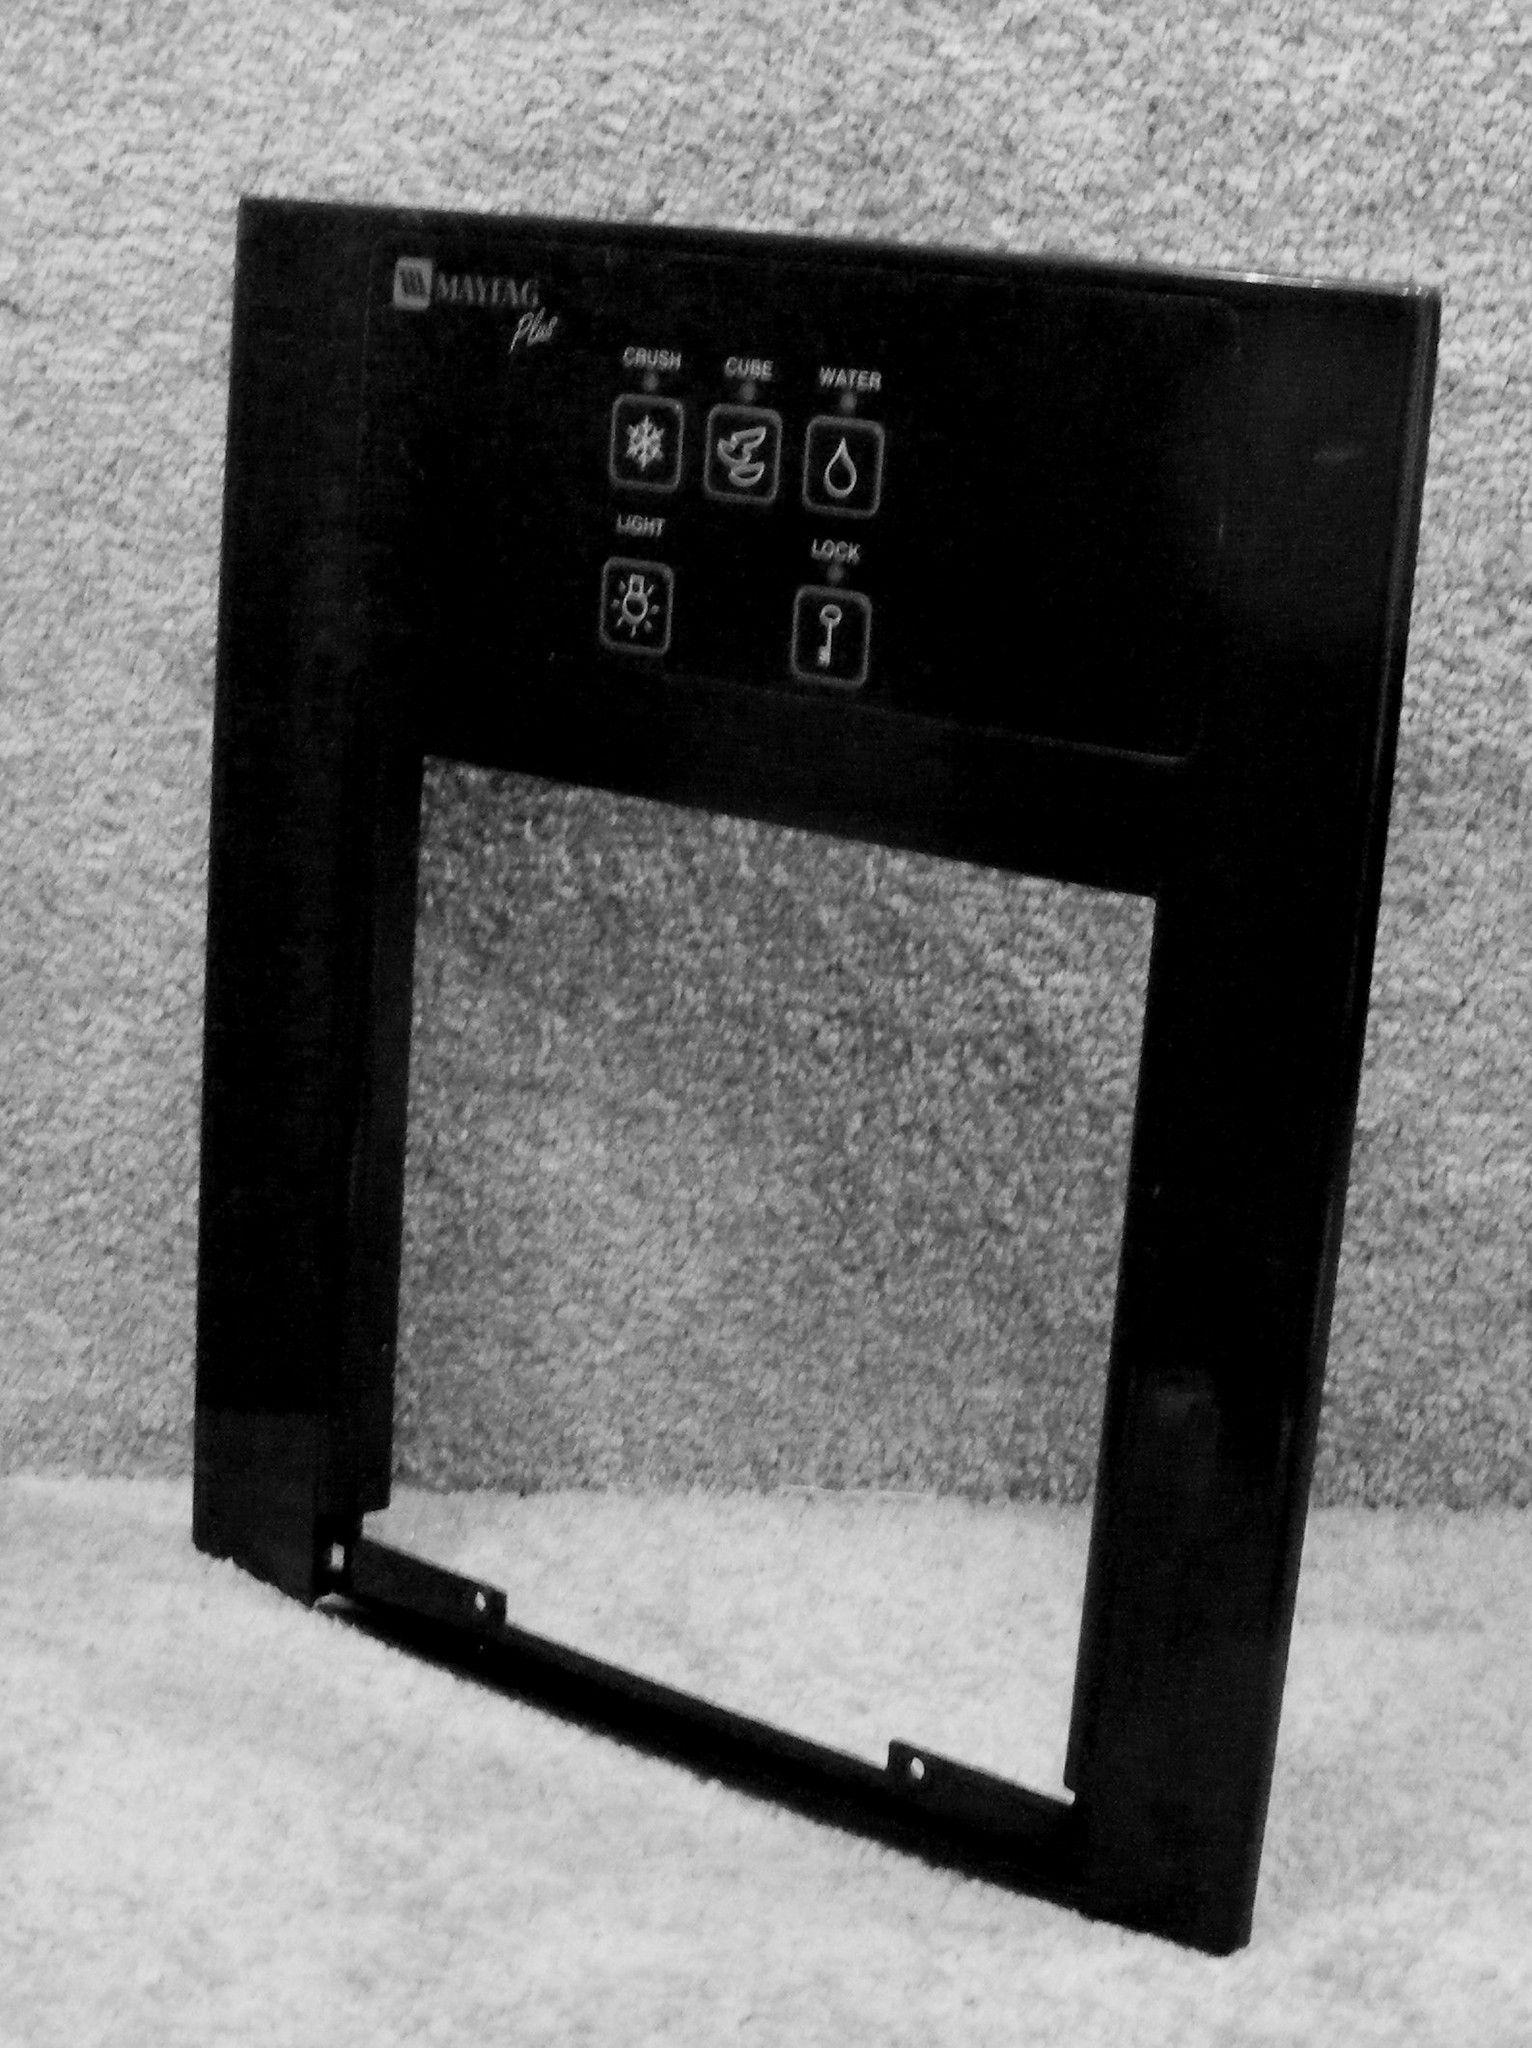 61003887 61003421 Maytag Refrigerator Black Escutcheon